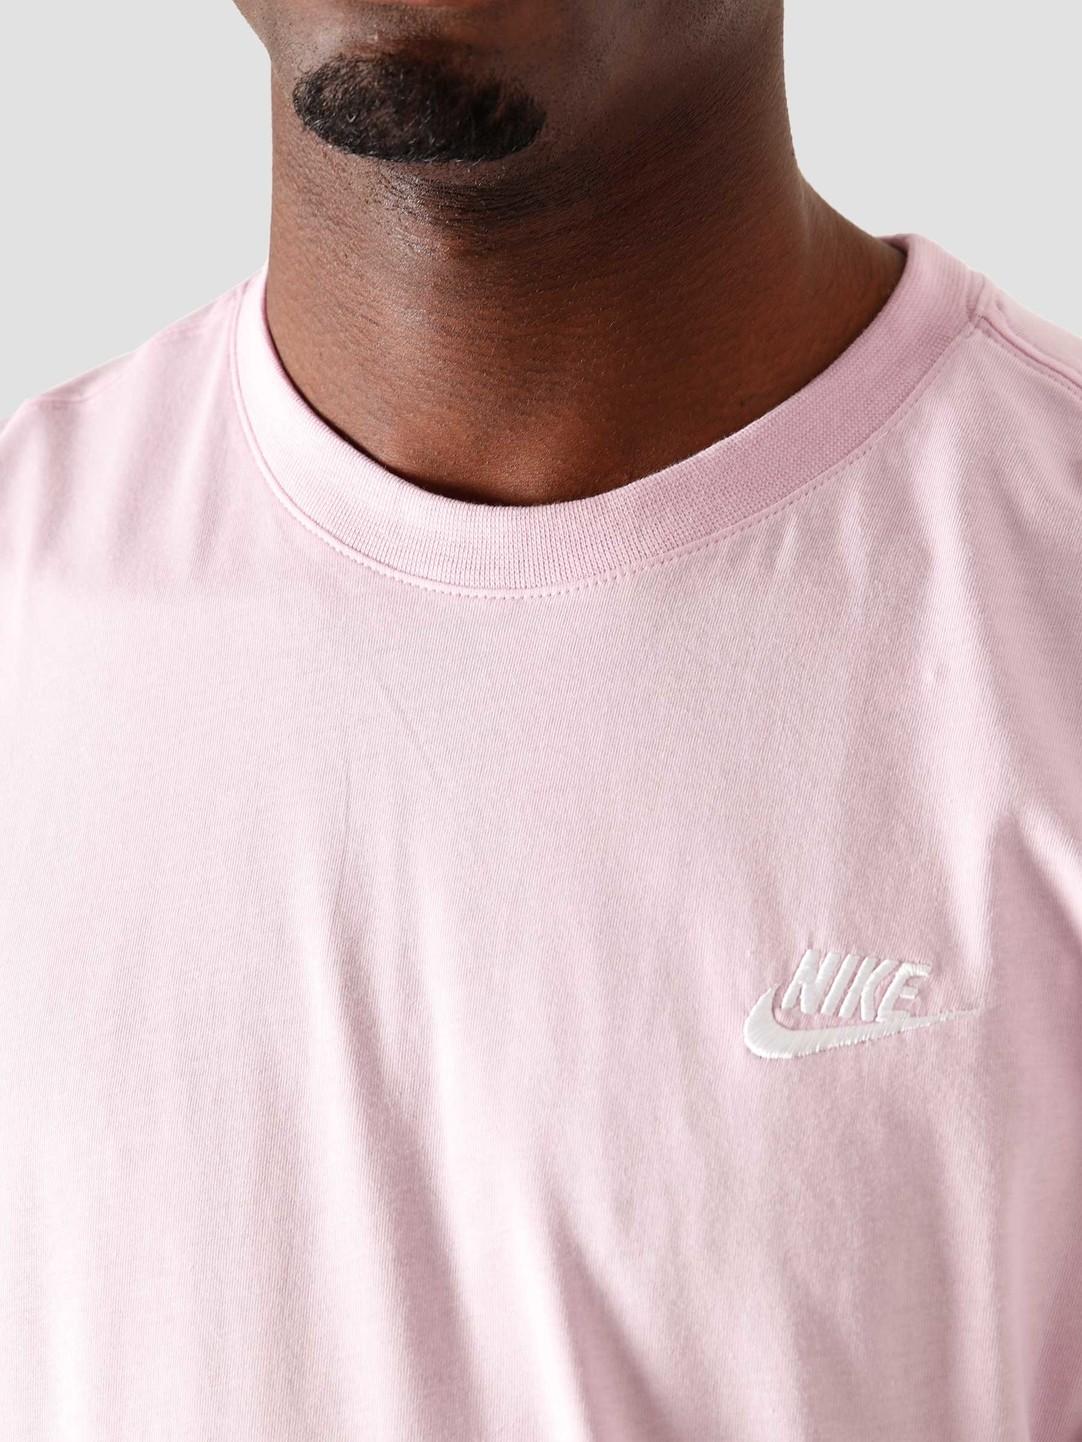 Nike Nsw Club T-Shirt Lt Arctic PiWhite